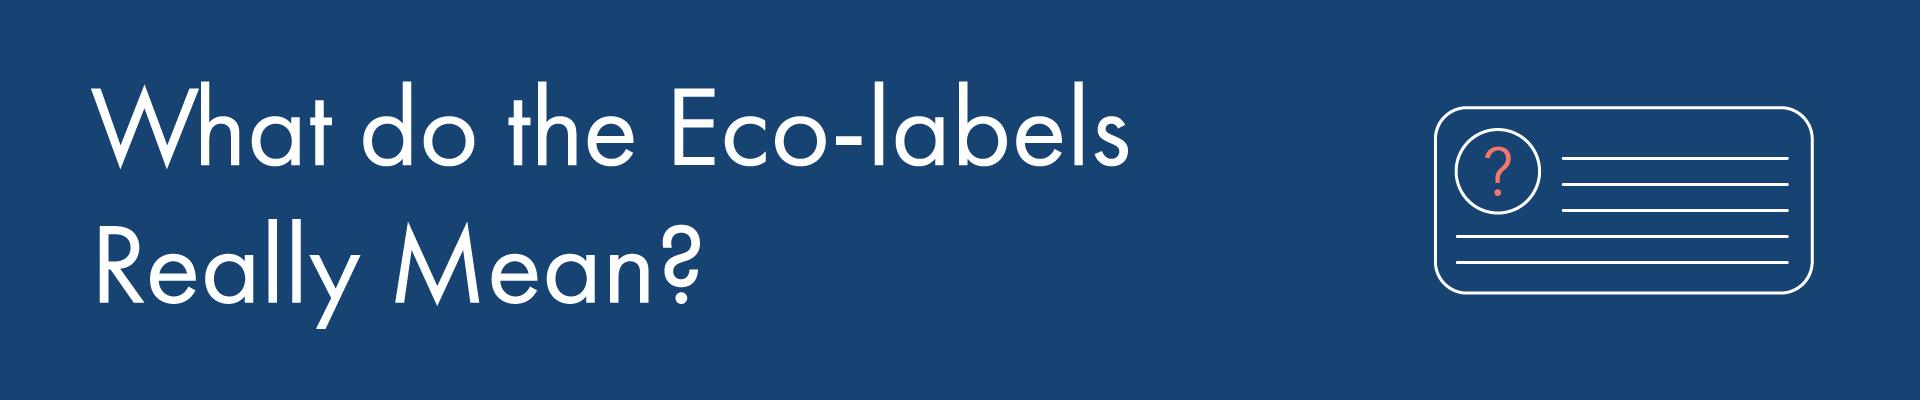 eco-labels workshop